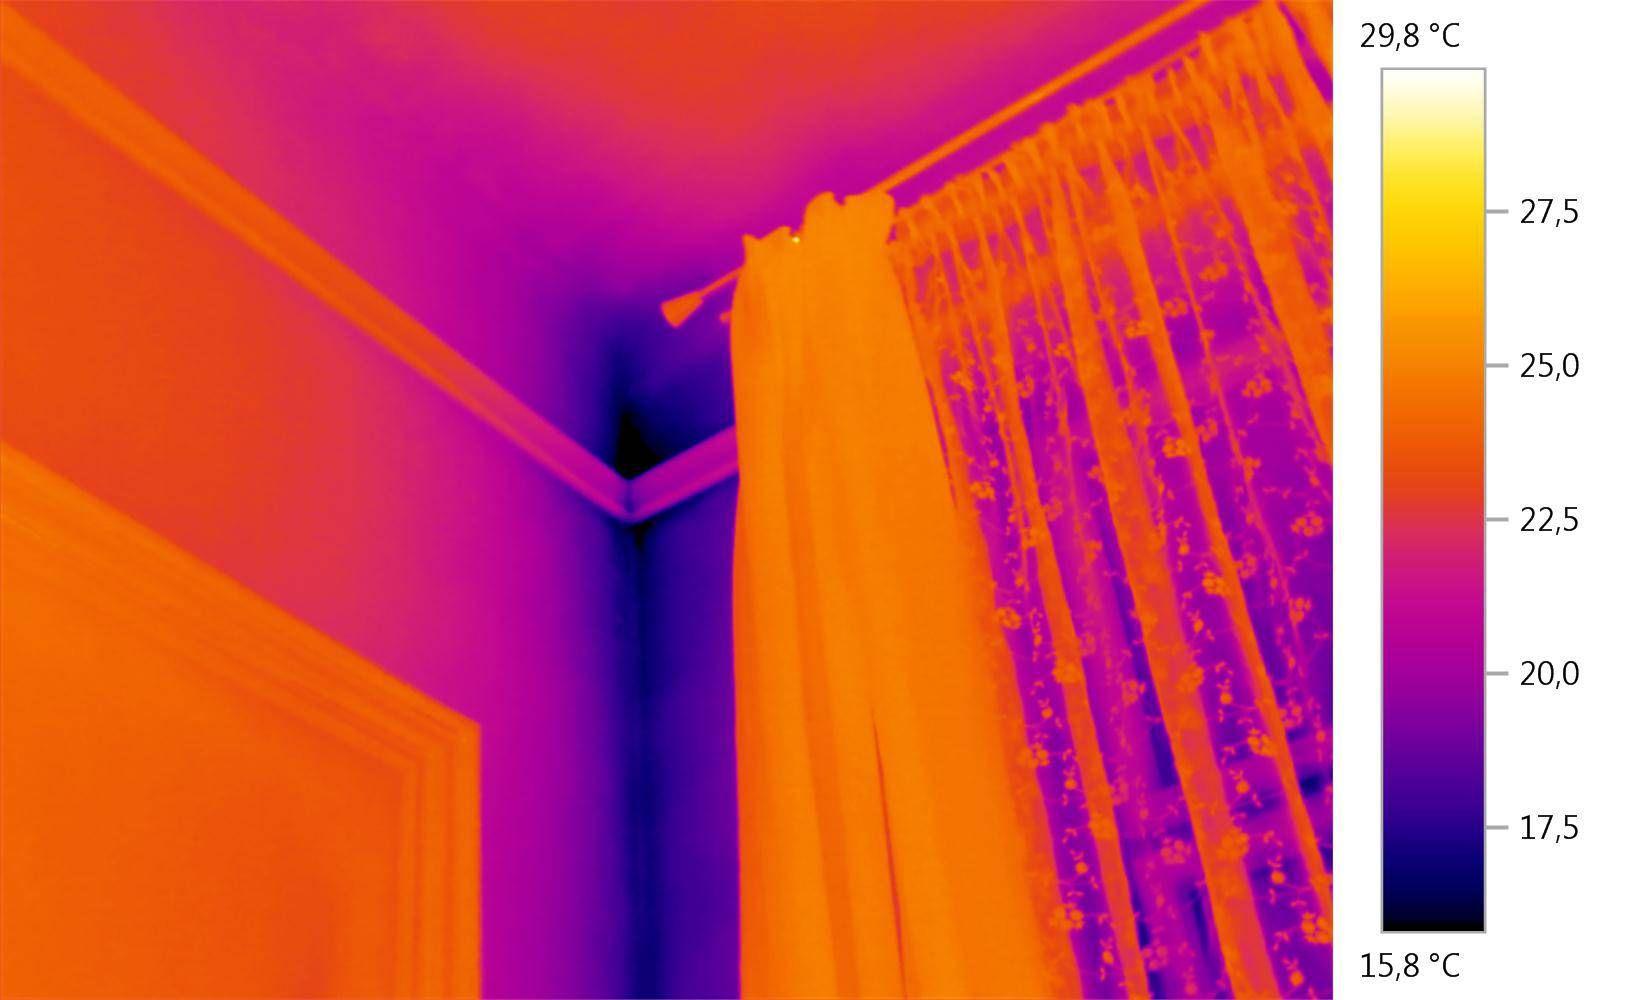 Testo Wärmebildkameras - Feuchte detektieren